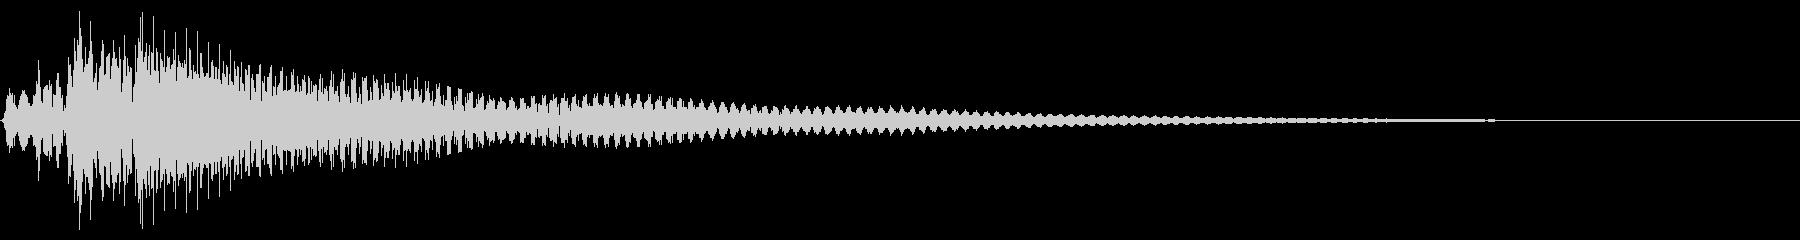 あたたかい ストローク ナイロンギターの未再生の波形